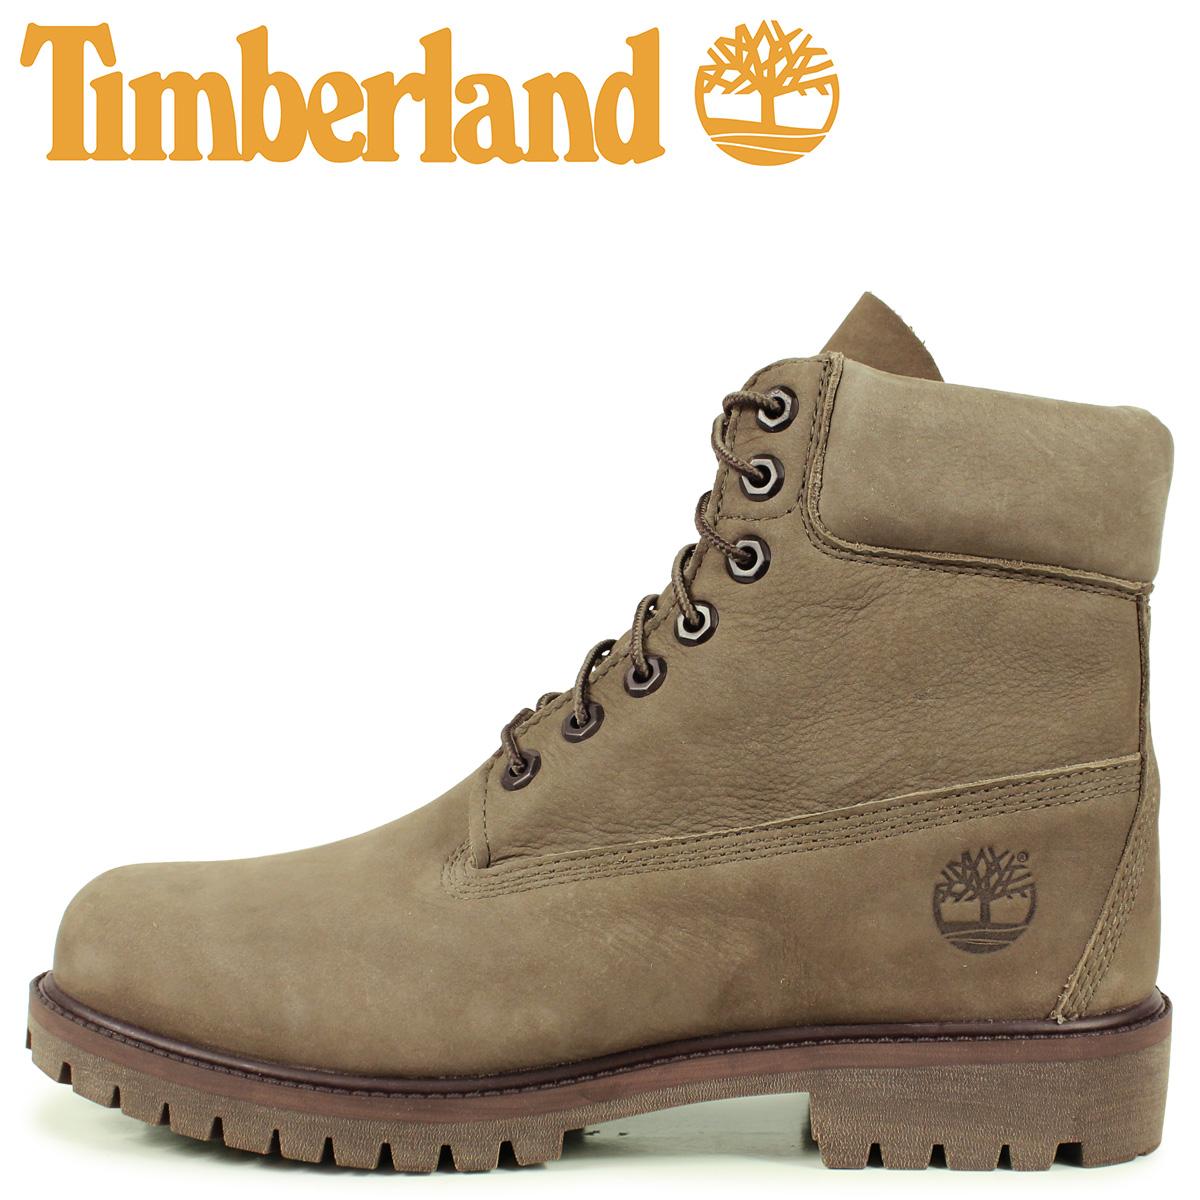 Timberland ティンバーランド ブーツ 6インチ ウォータープルーフ メンズ 6INCH WATERPROOF BOOTS オリーブ A24W3